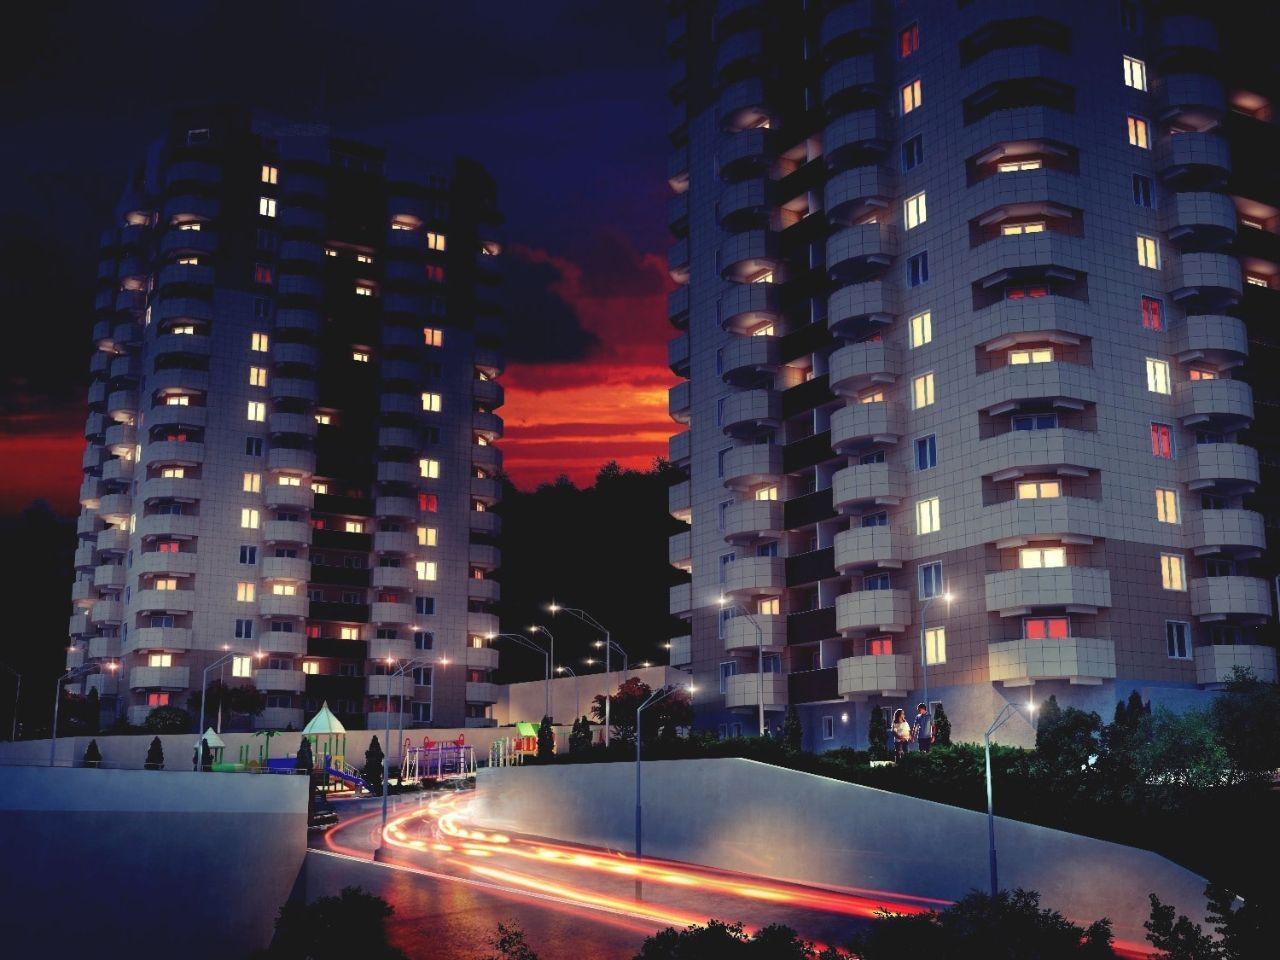 жилой комплекс Варяг-центр